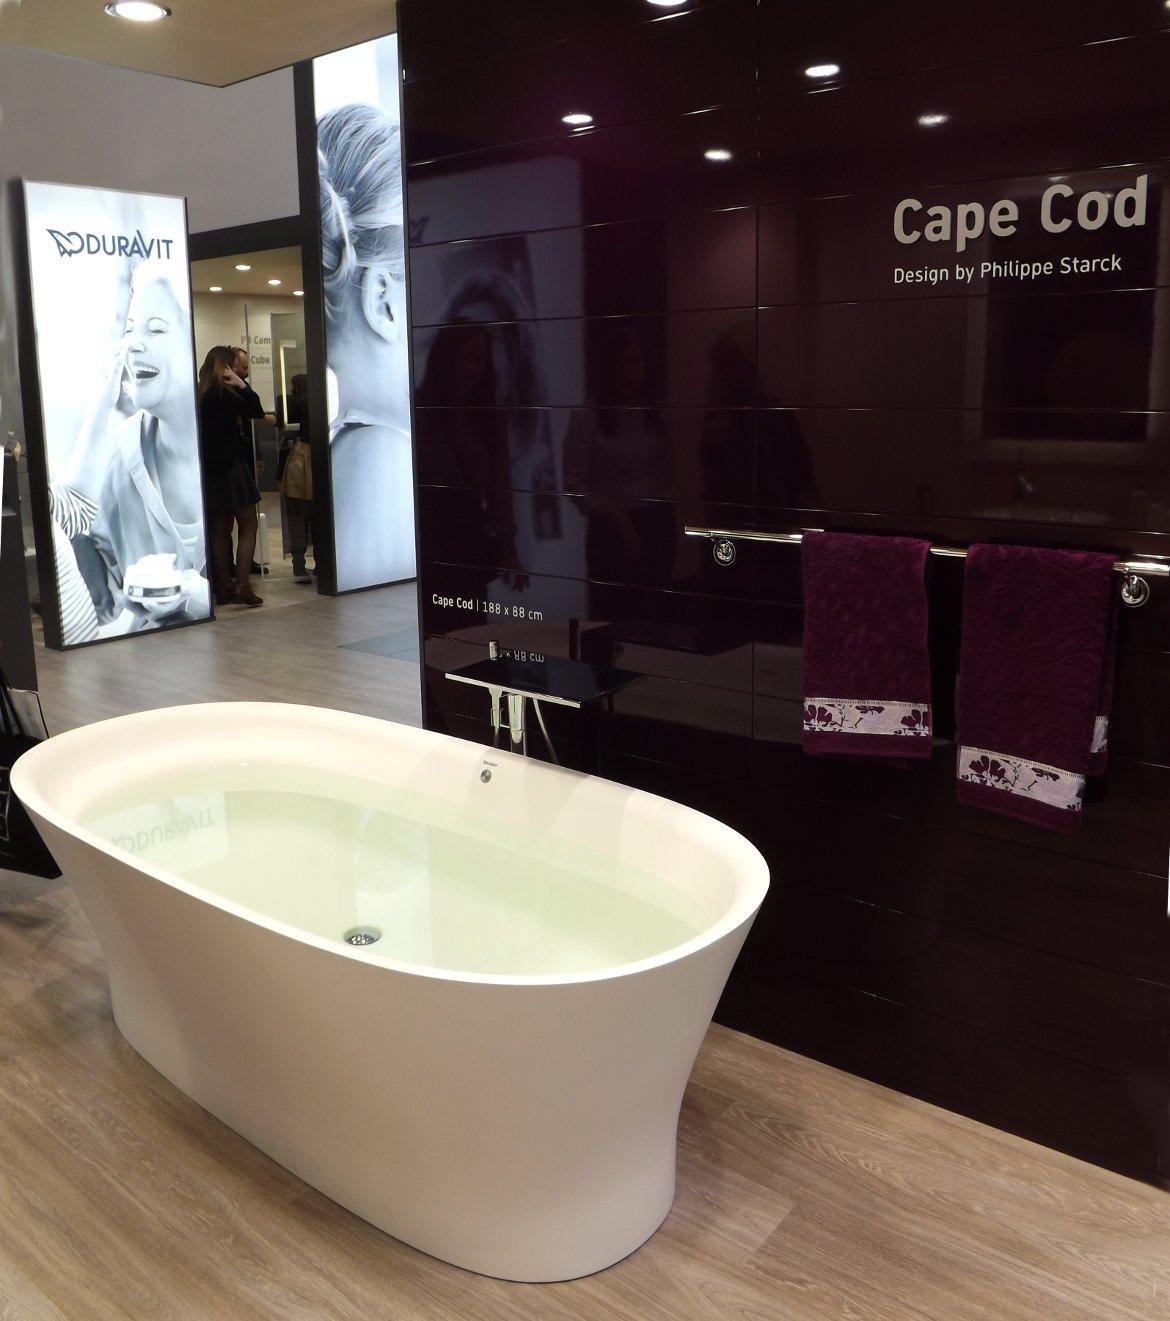 Ванна из коллекции Cape Cod на экспозиции компании Duravit во время выставки MosBuild 2015. Вид А